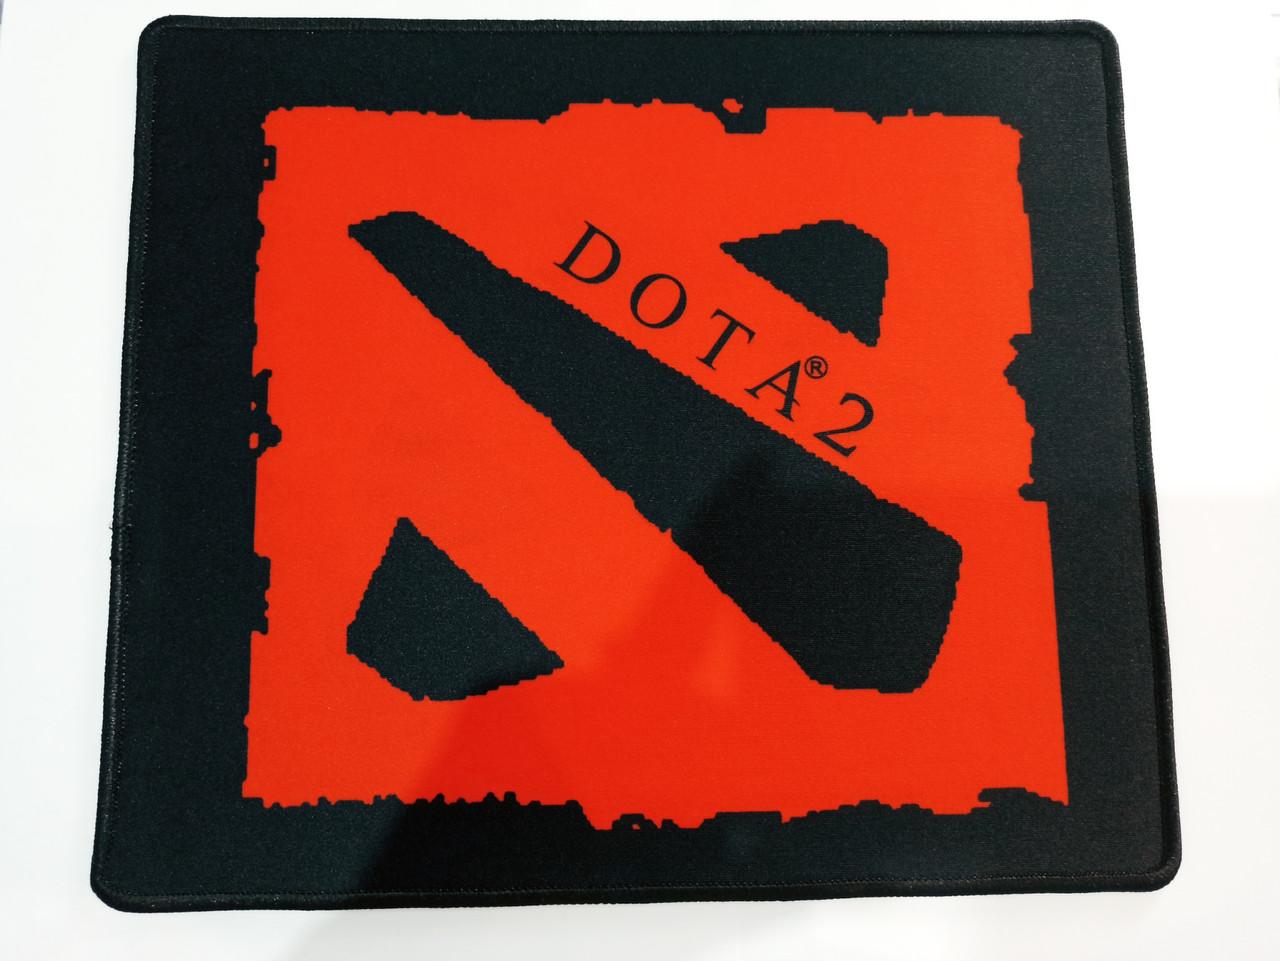 """Коврик для мышки """"Dota 2"""" 200х240 мм. Черный+Красный"""